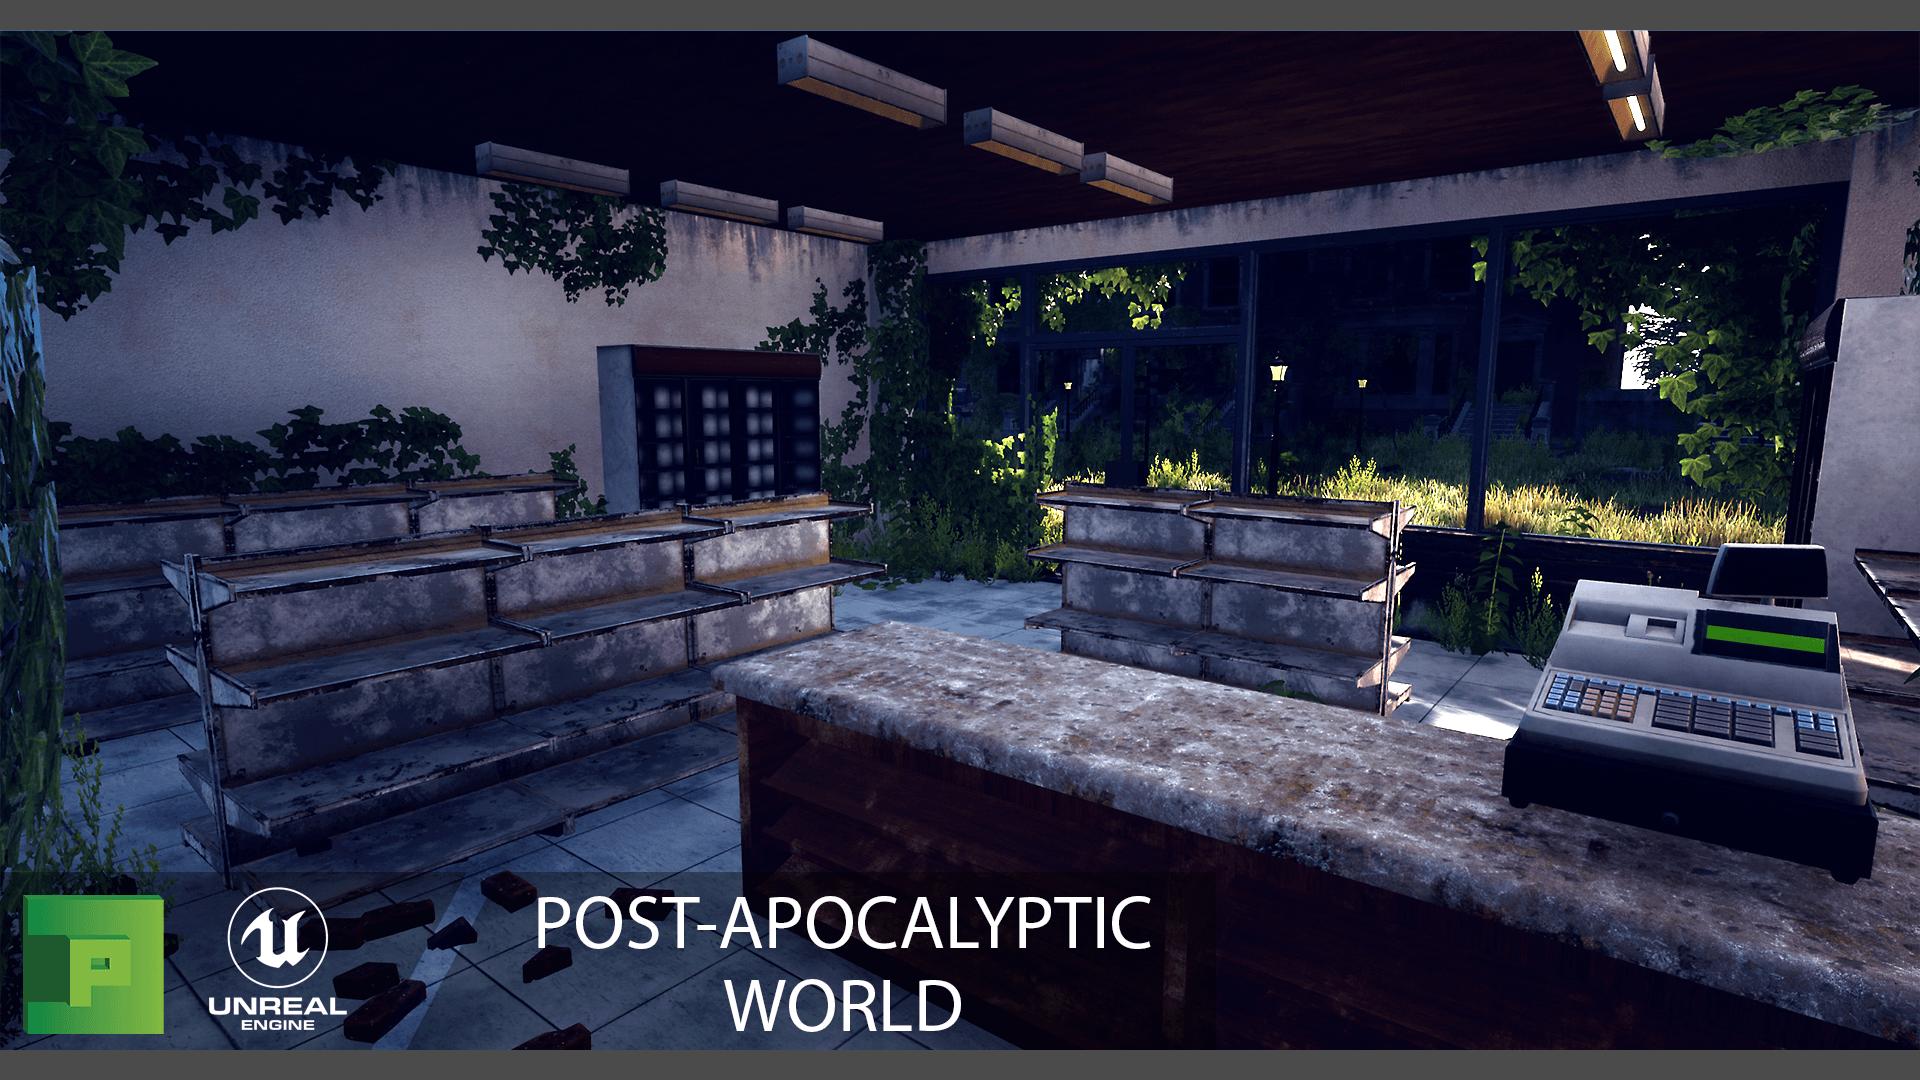 PostApocalypticWorld_05